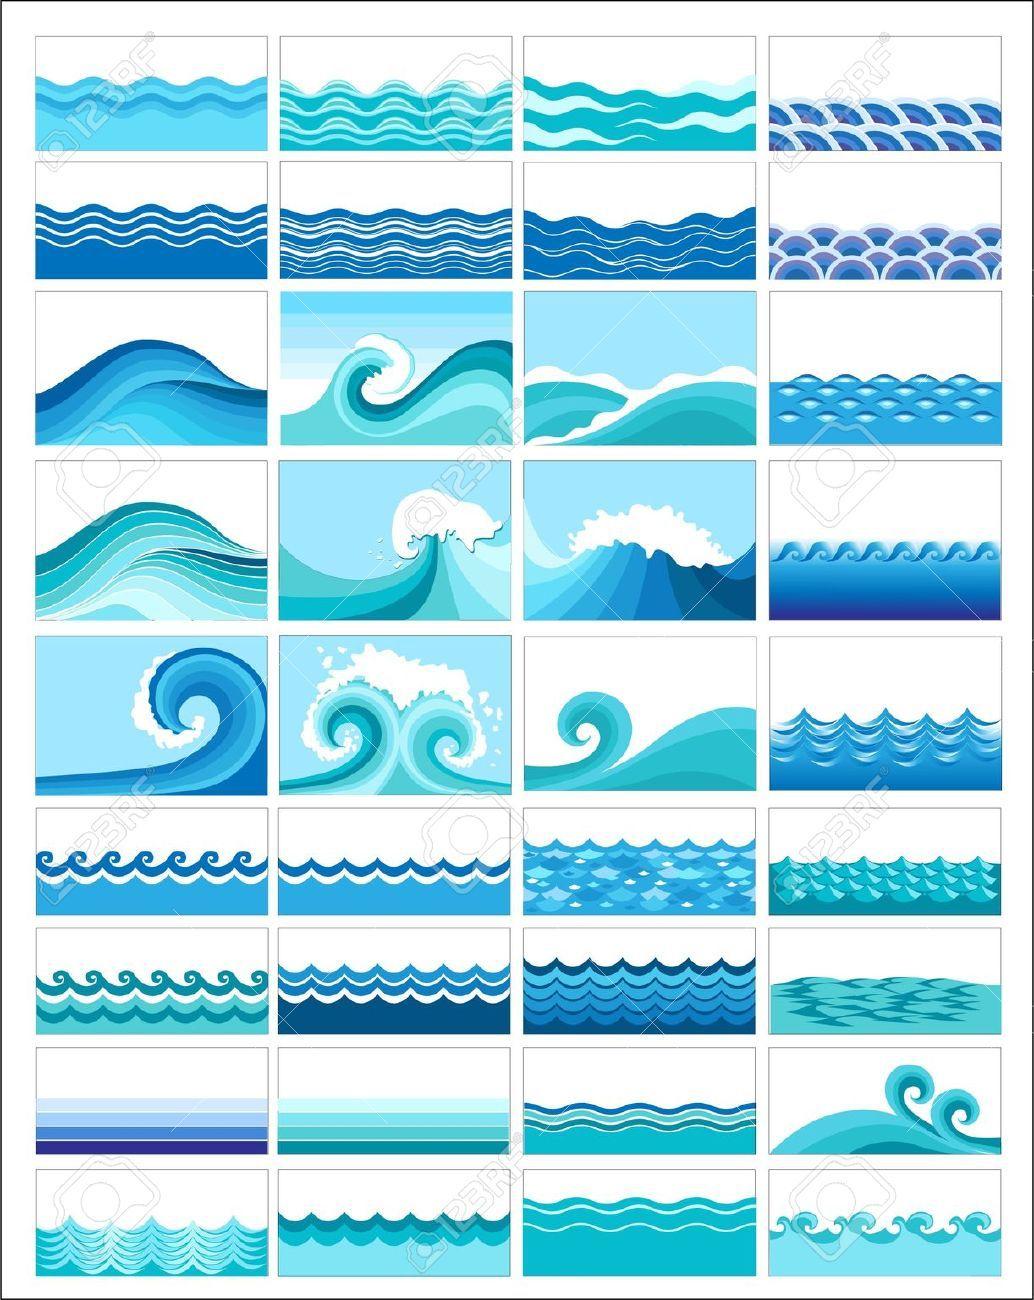 Olas Mar Pachwork En 2019 Dibujo Del Mar Arte Del Surf Y Mar